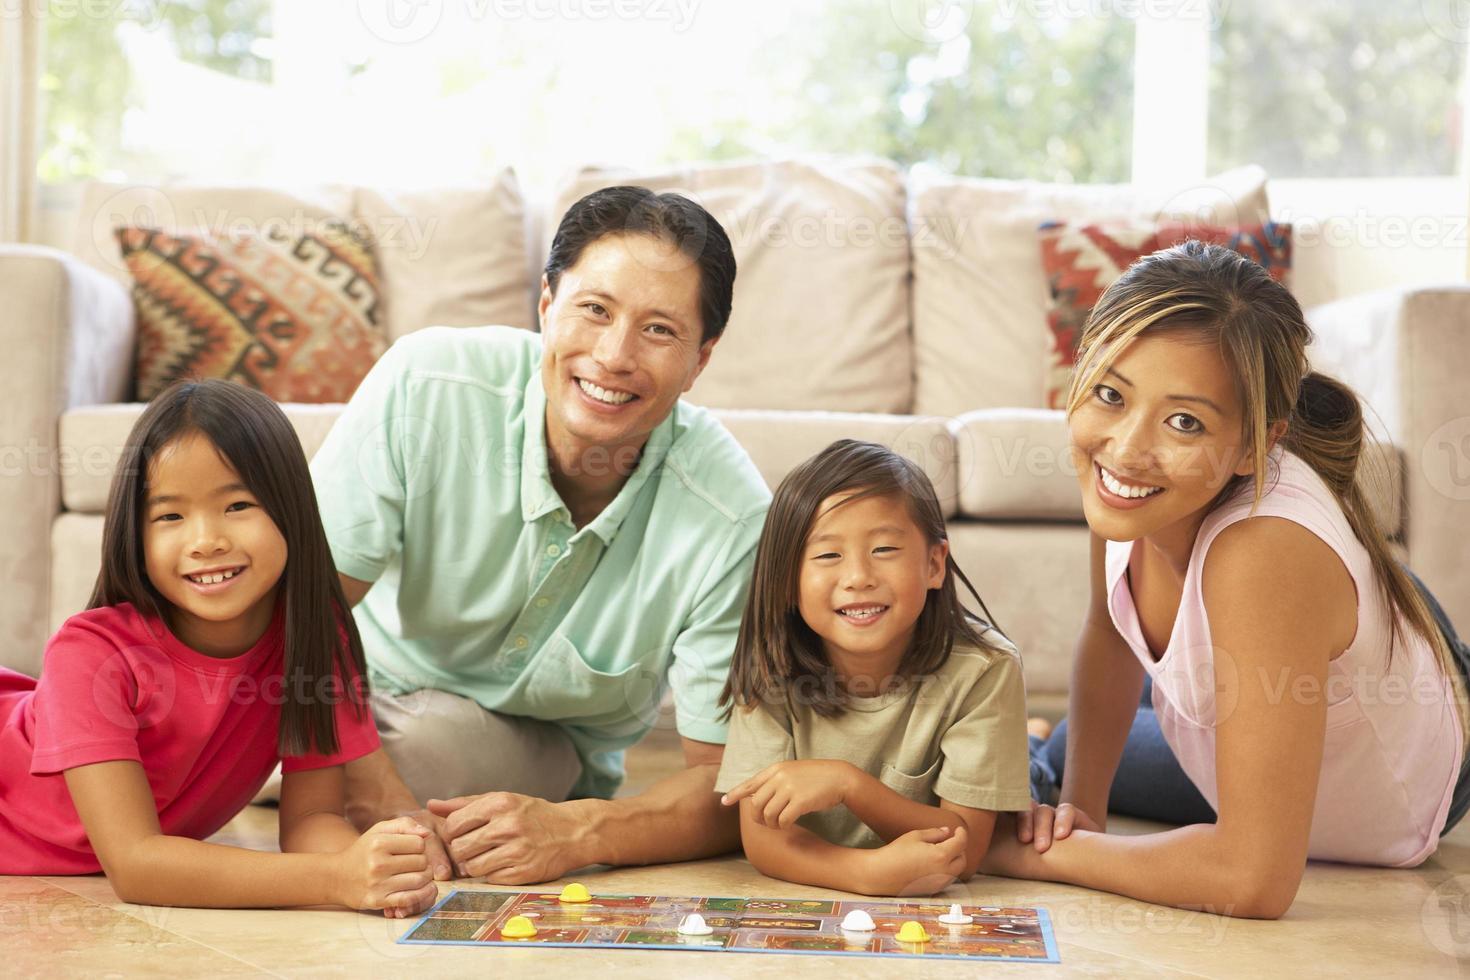 familia jugando juegos de mesa en casa foto